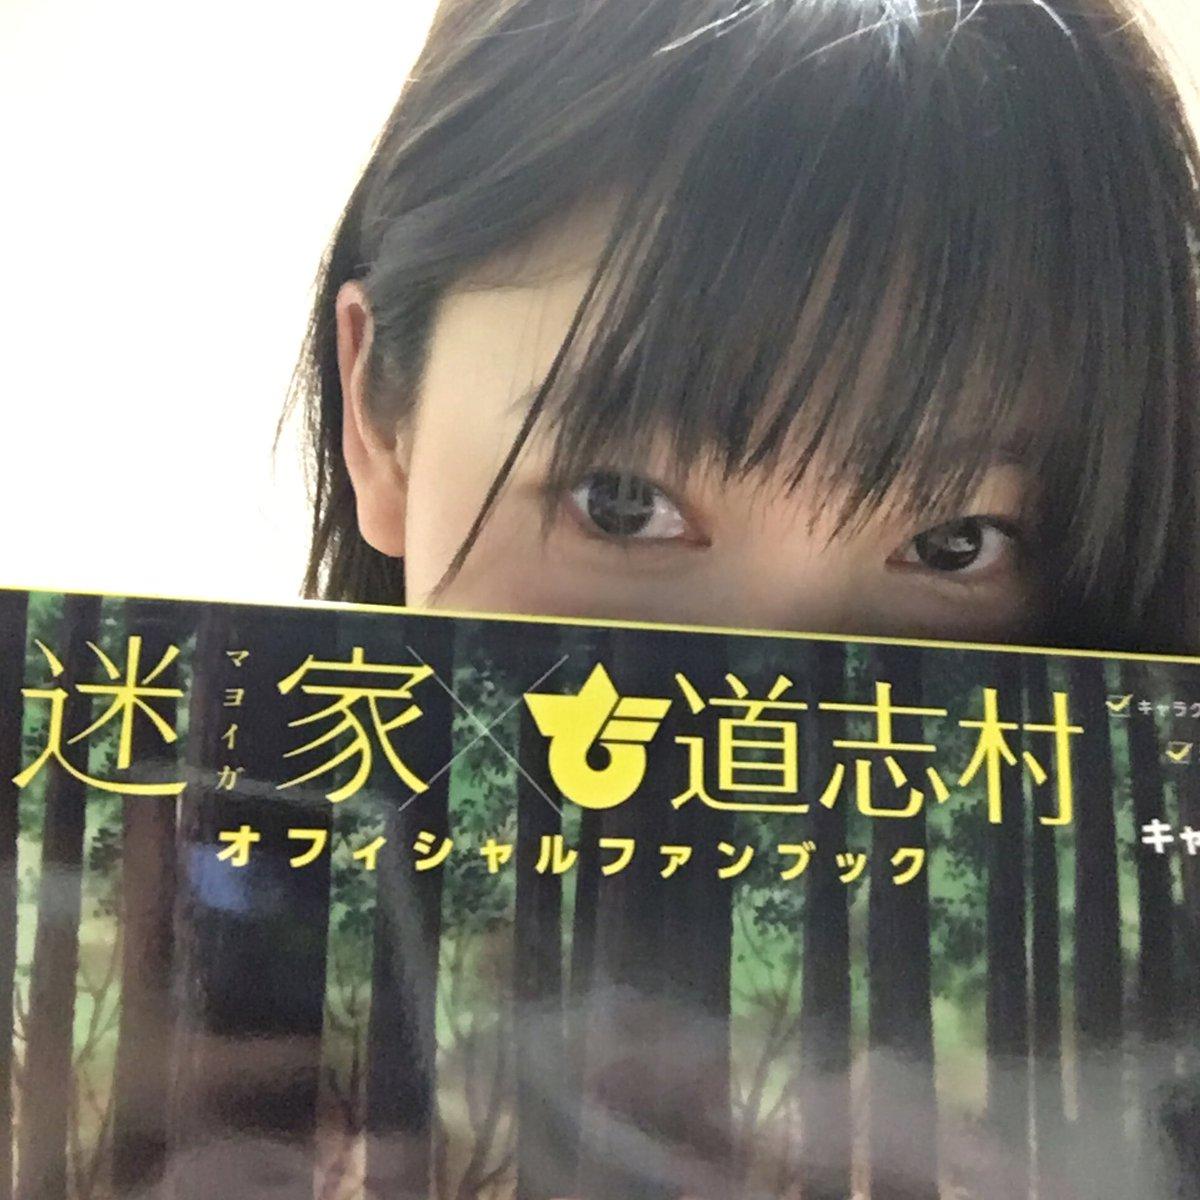 성우 아이사카 유카씨의 트위터에 올라온 사진, 마..